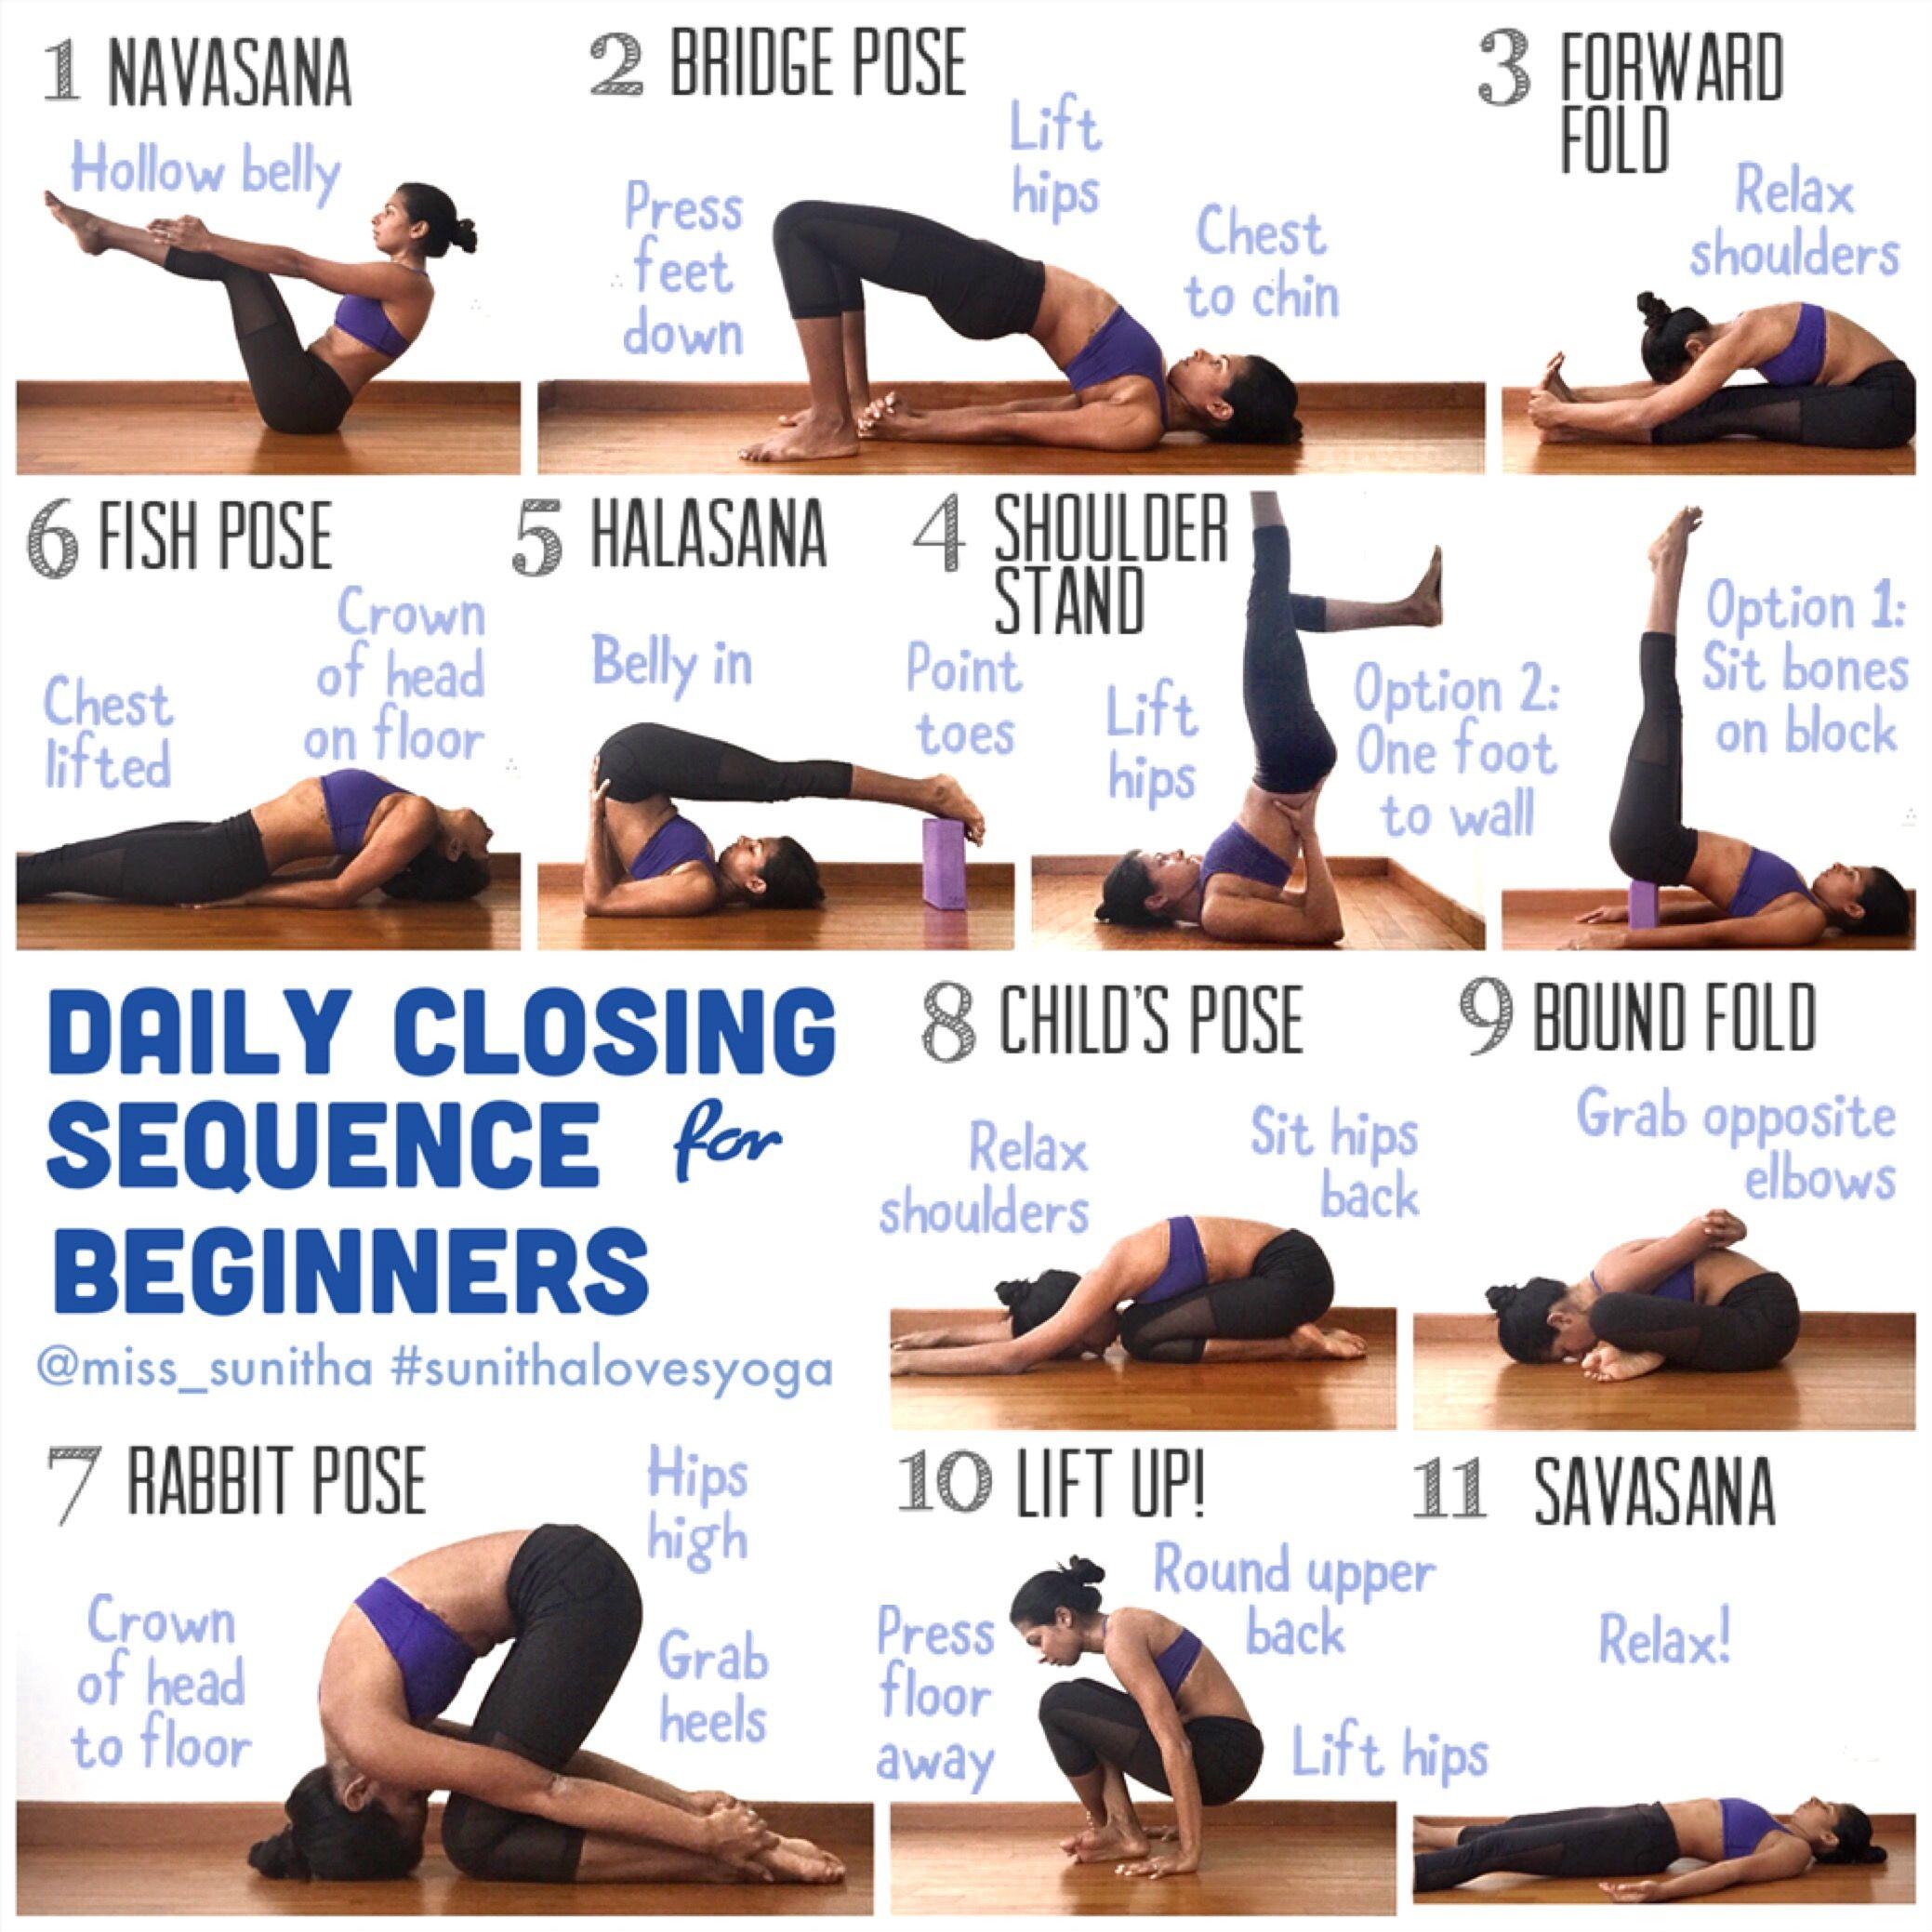 Daily Yoga Sequence for Beginners @miss_sunitha #sunithalovesyoga